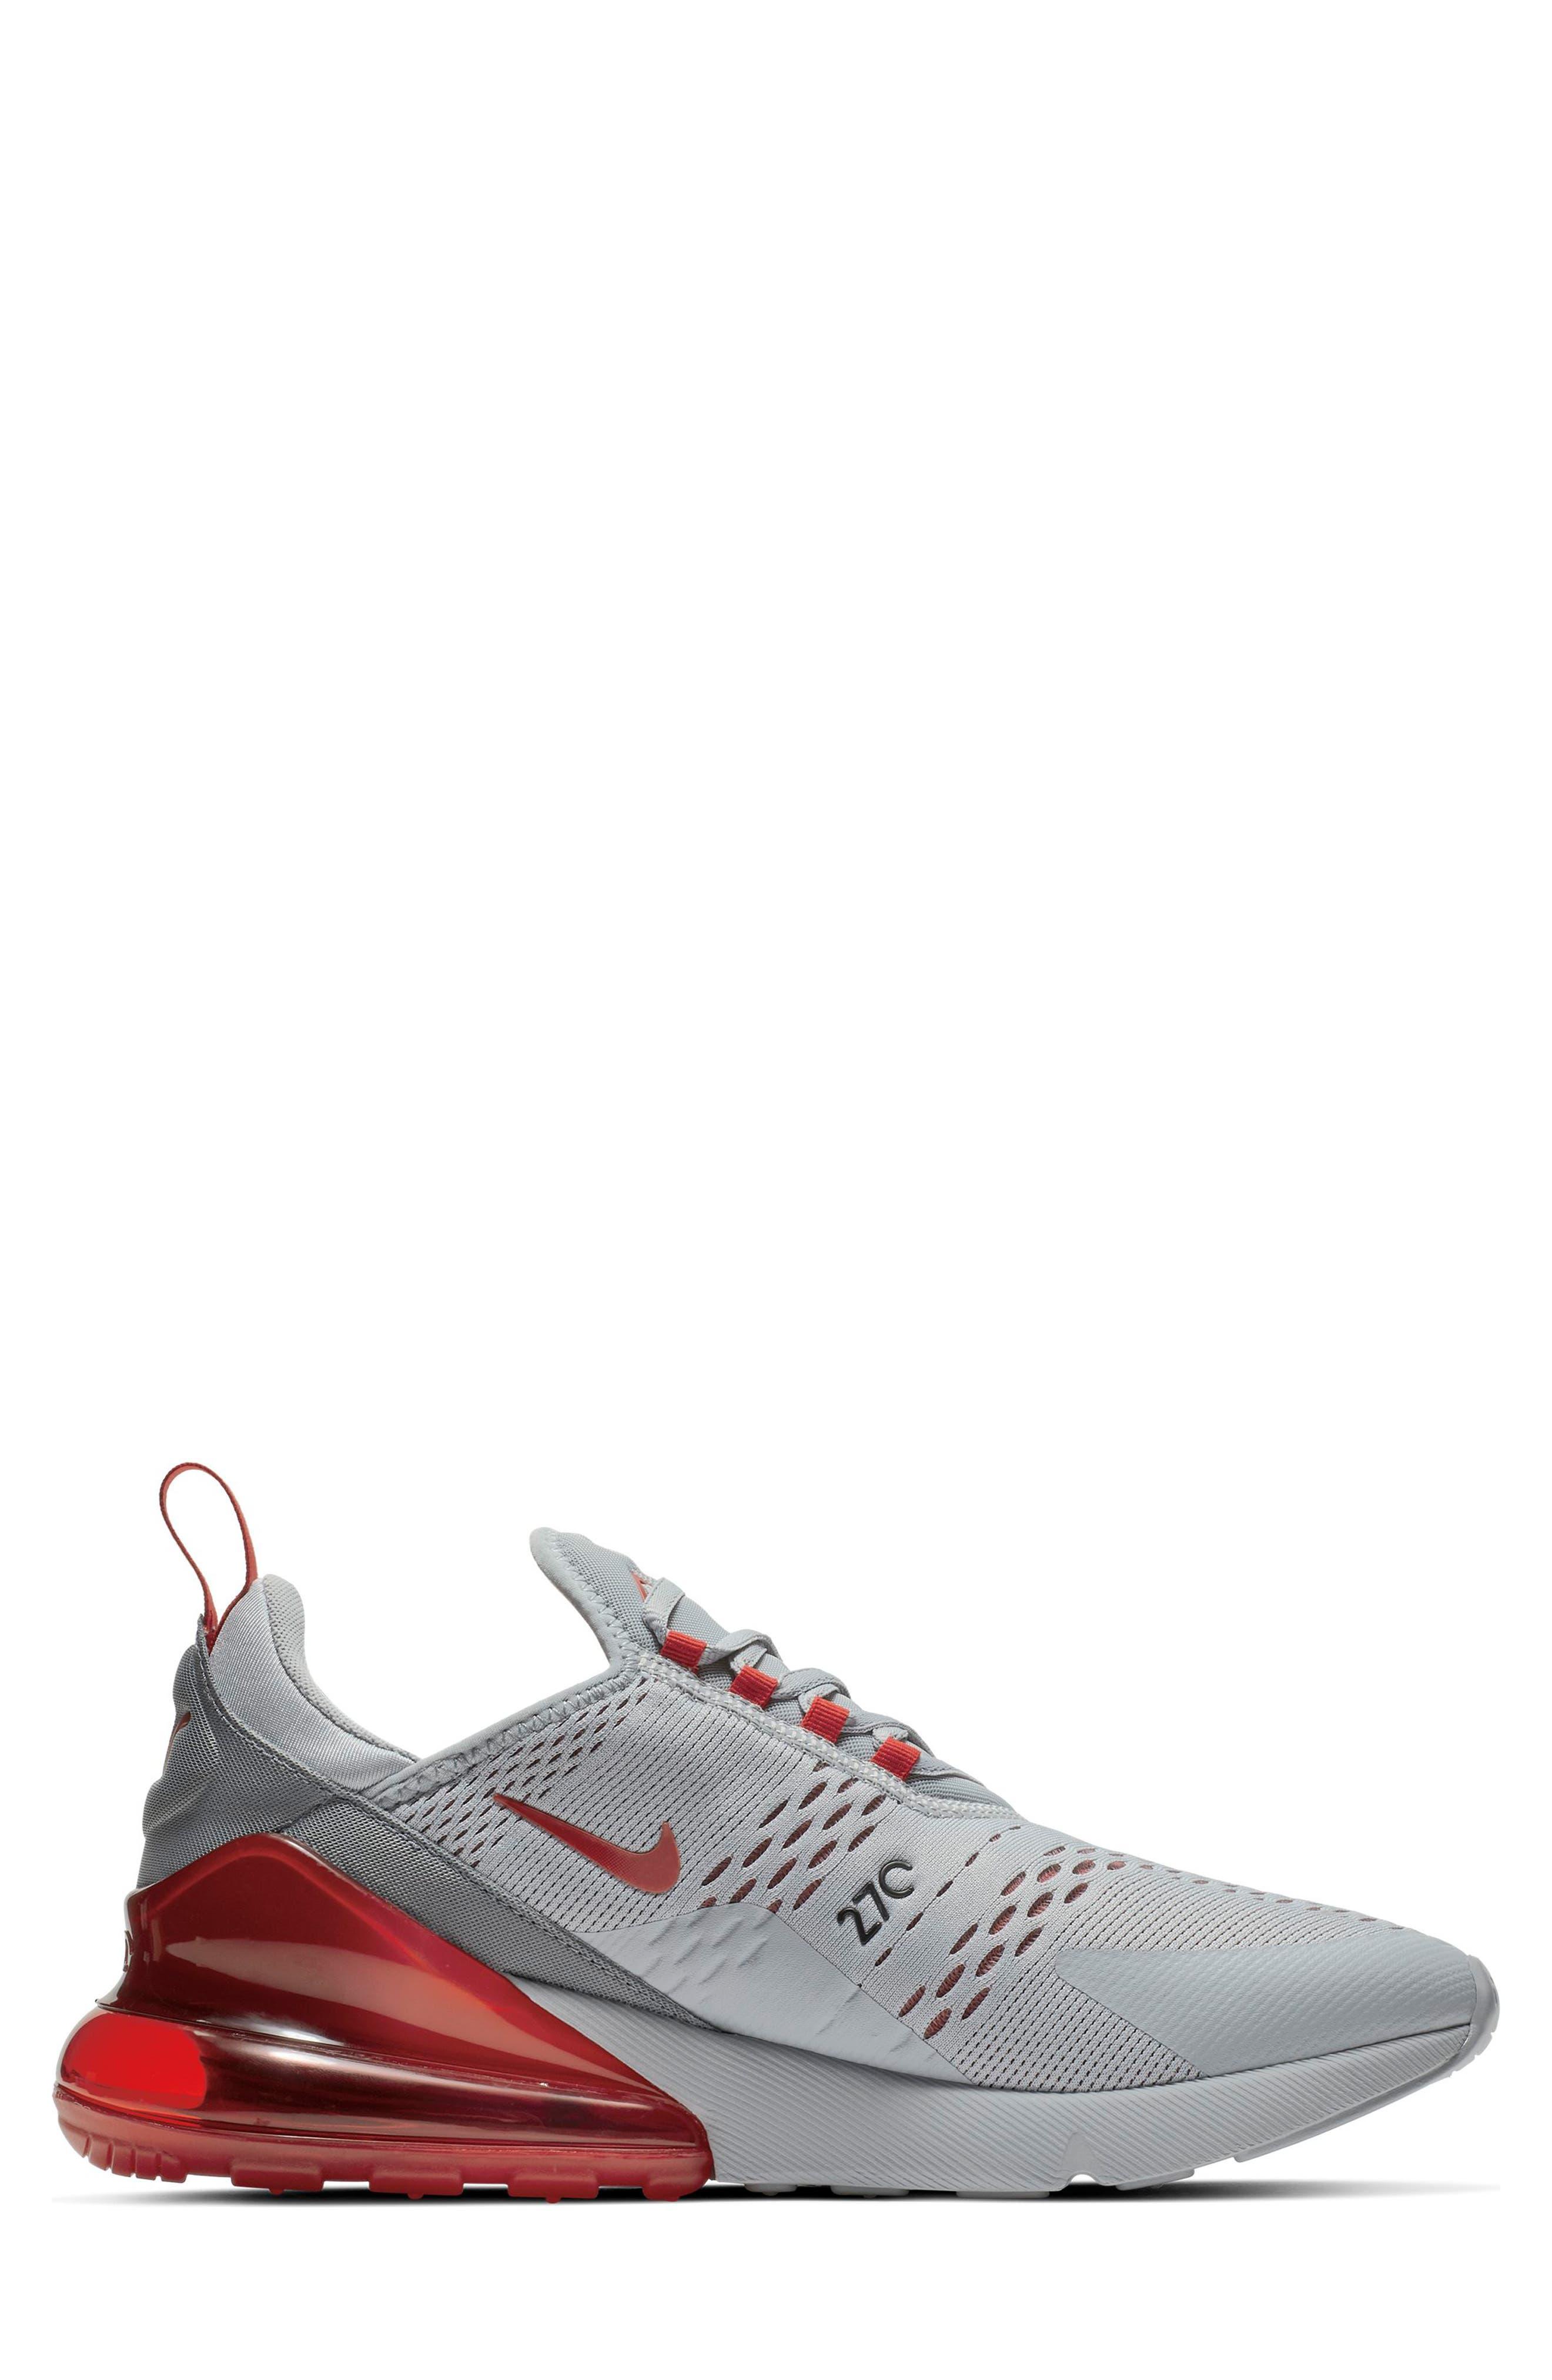 NIKE,                             Air Max 270 Sneaker,                             Alternate thumbnail 2, color,                             025